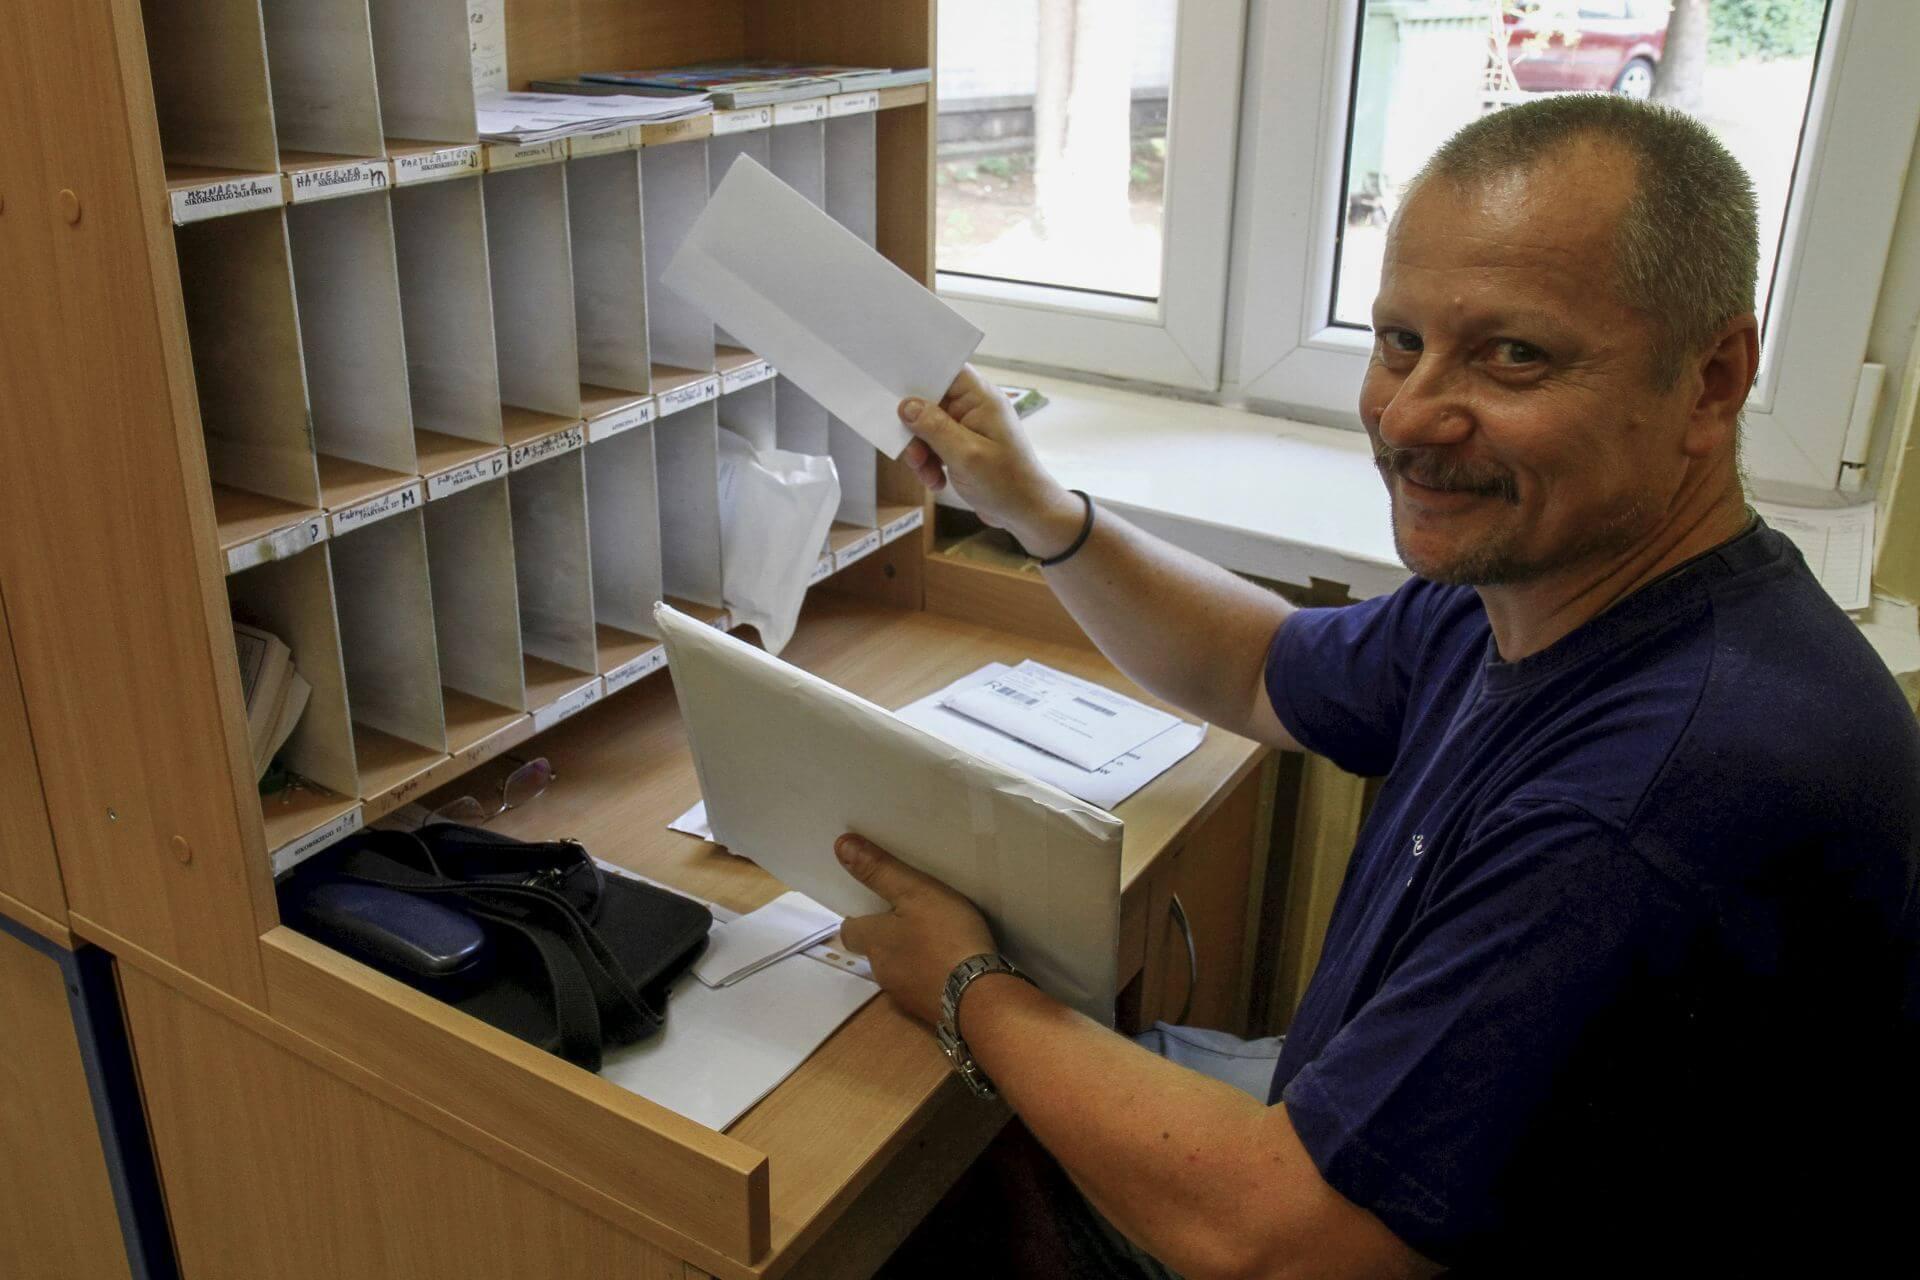 Listonosz Dariusz Klamczyński podczas sortowania listów